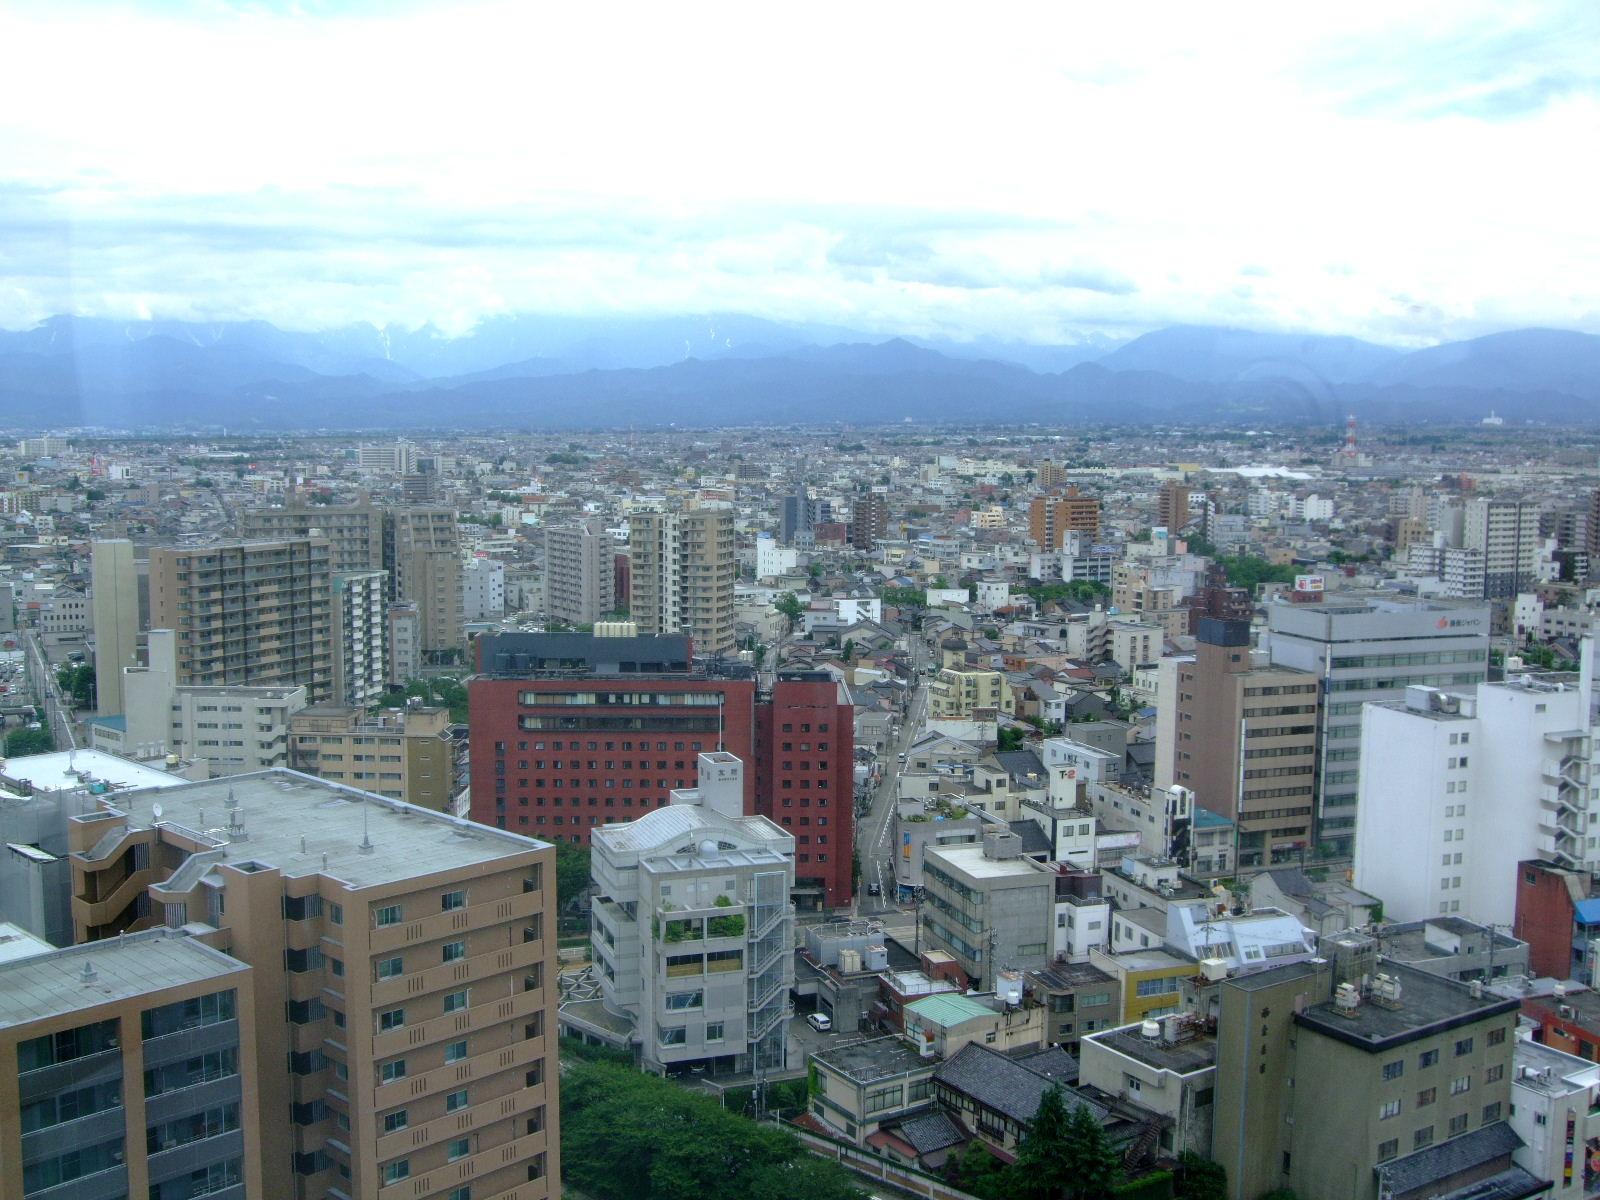 第11話 富山地方鉄道の市内電車に乗ってみる_f0100593_11445022.jpg